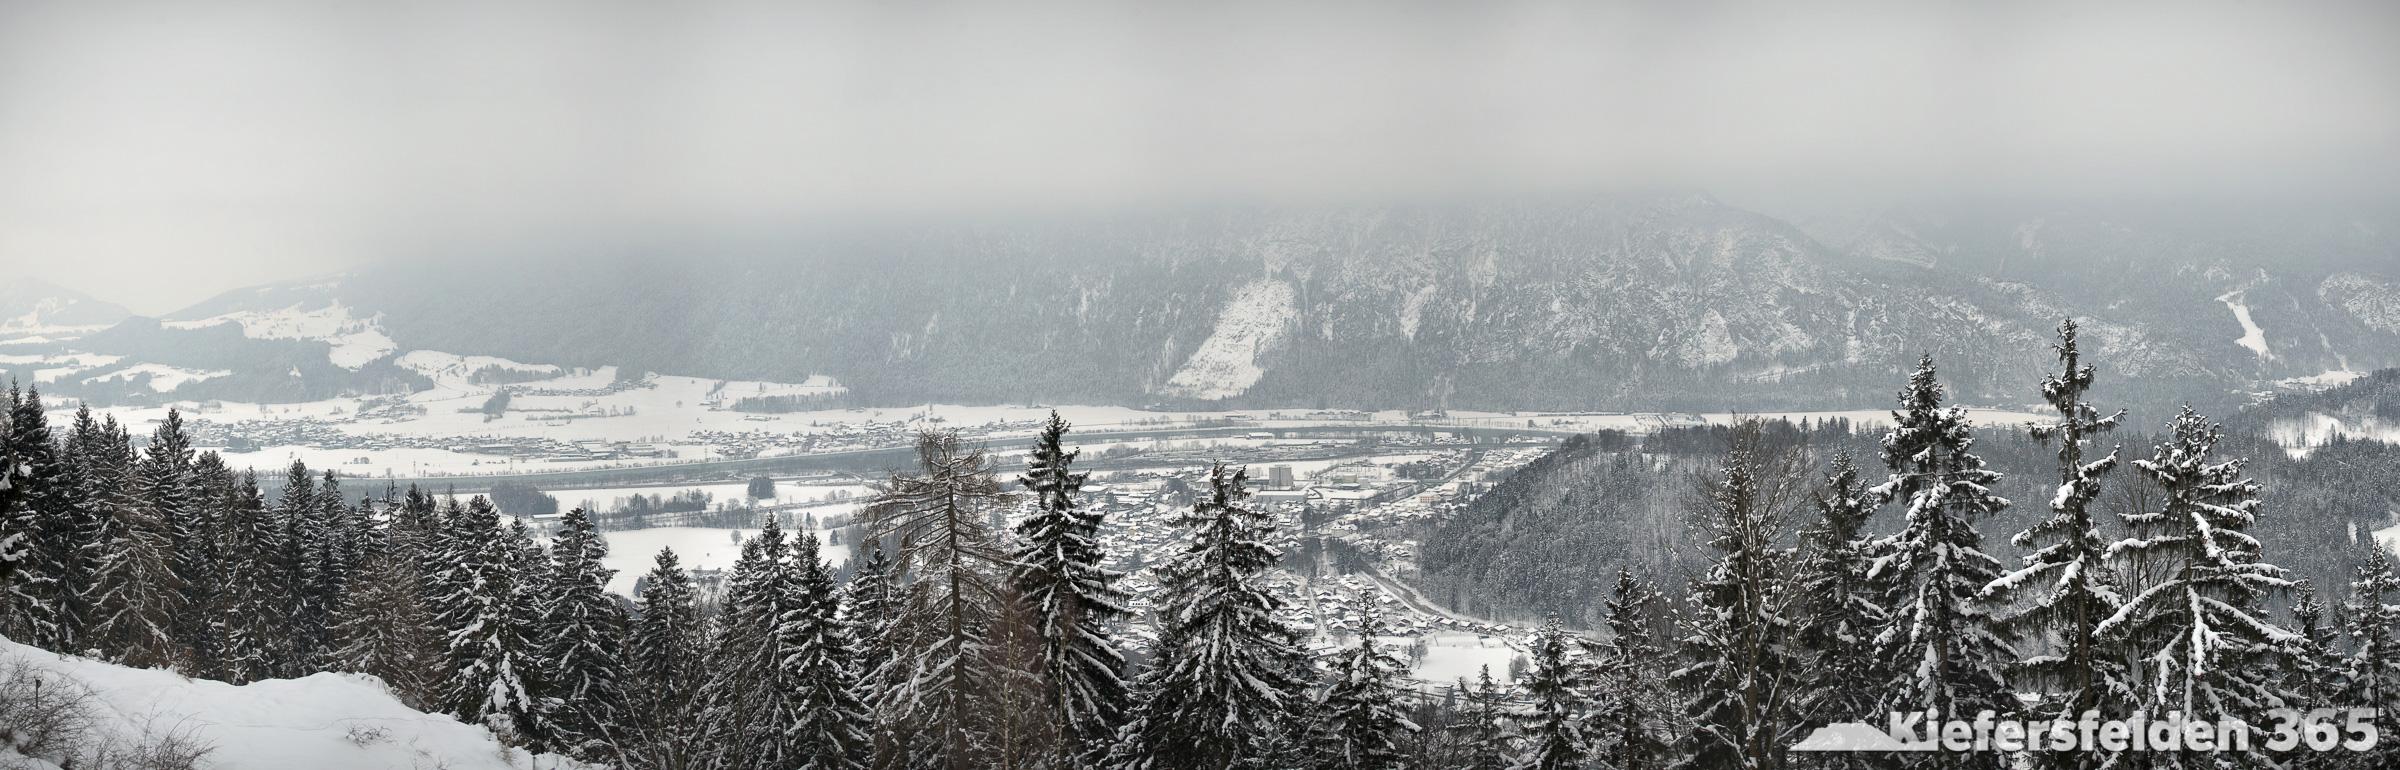 08.02.2015 - Graue Tage - Blick vom Nusslberg